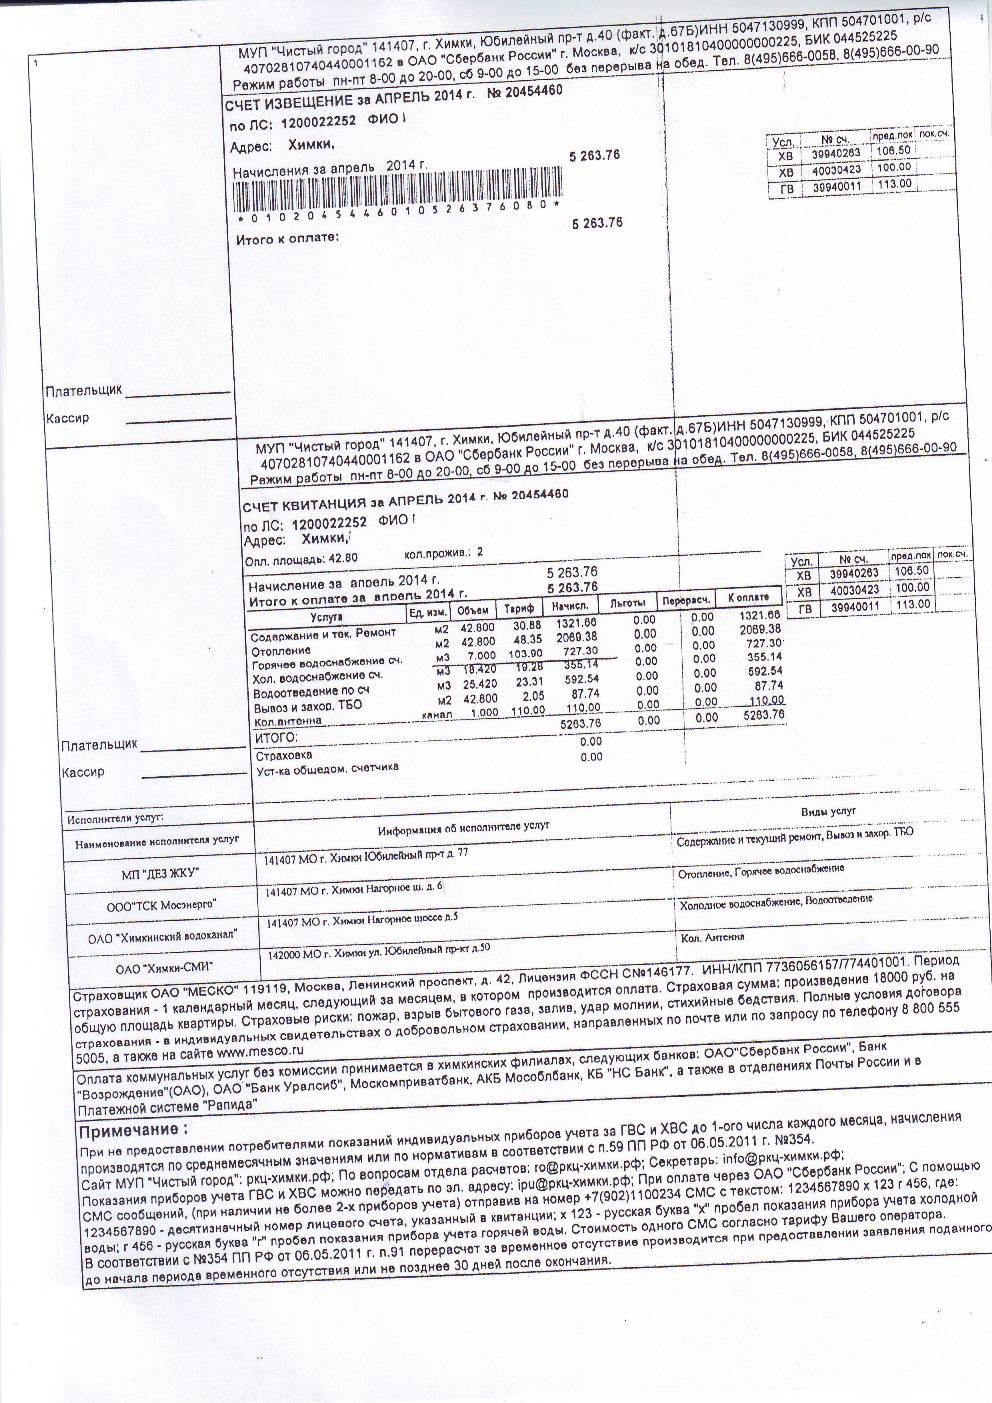 Счет за апрель-2014 - вода 727